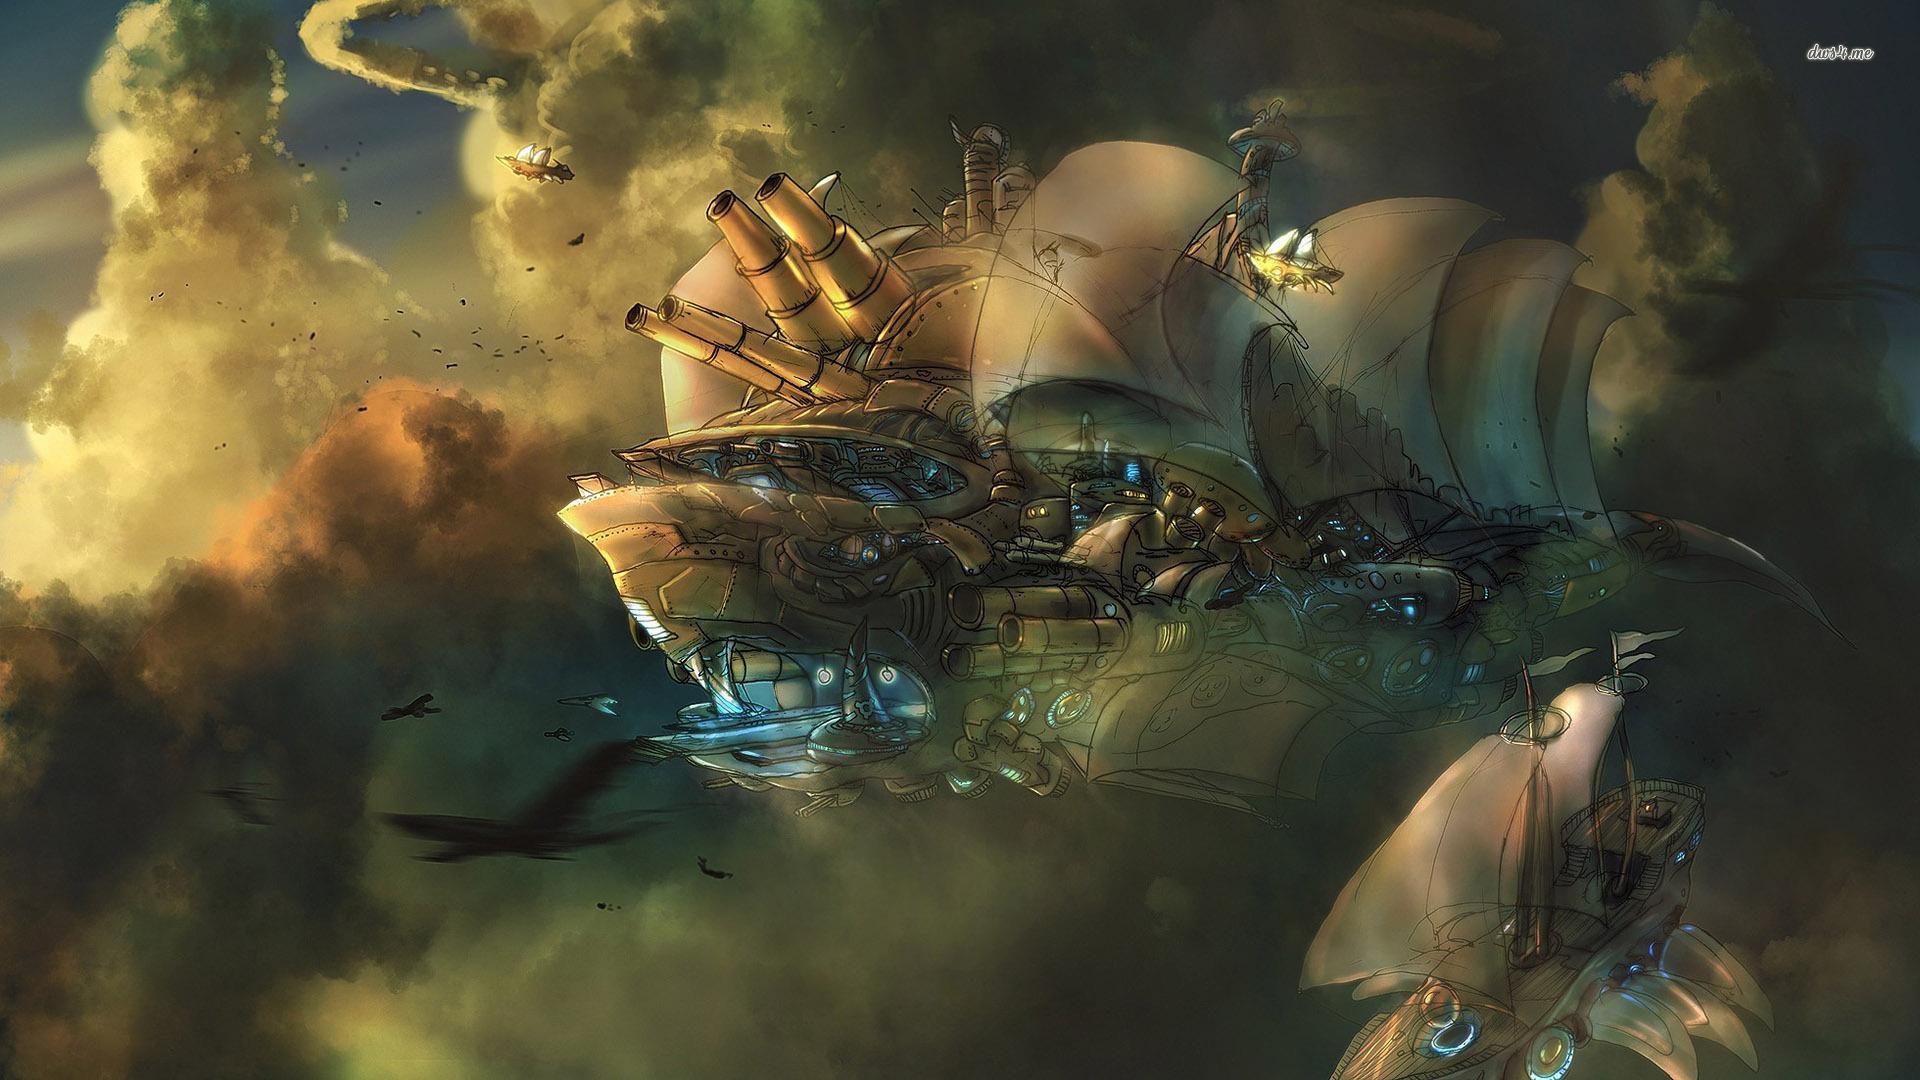 steampunk desktop backgrounds bing images